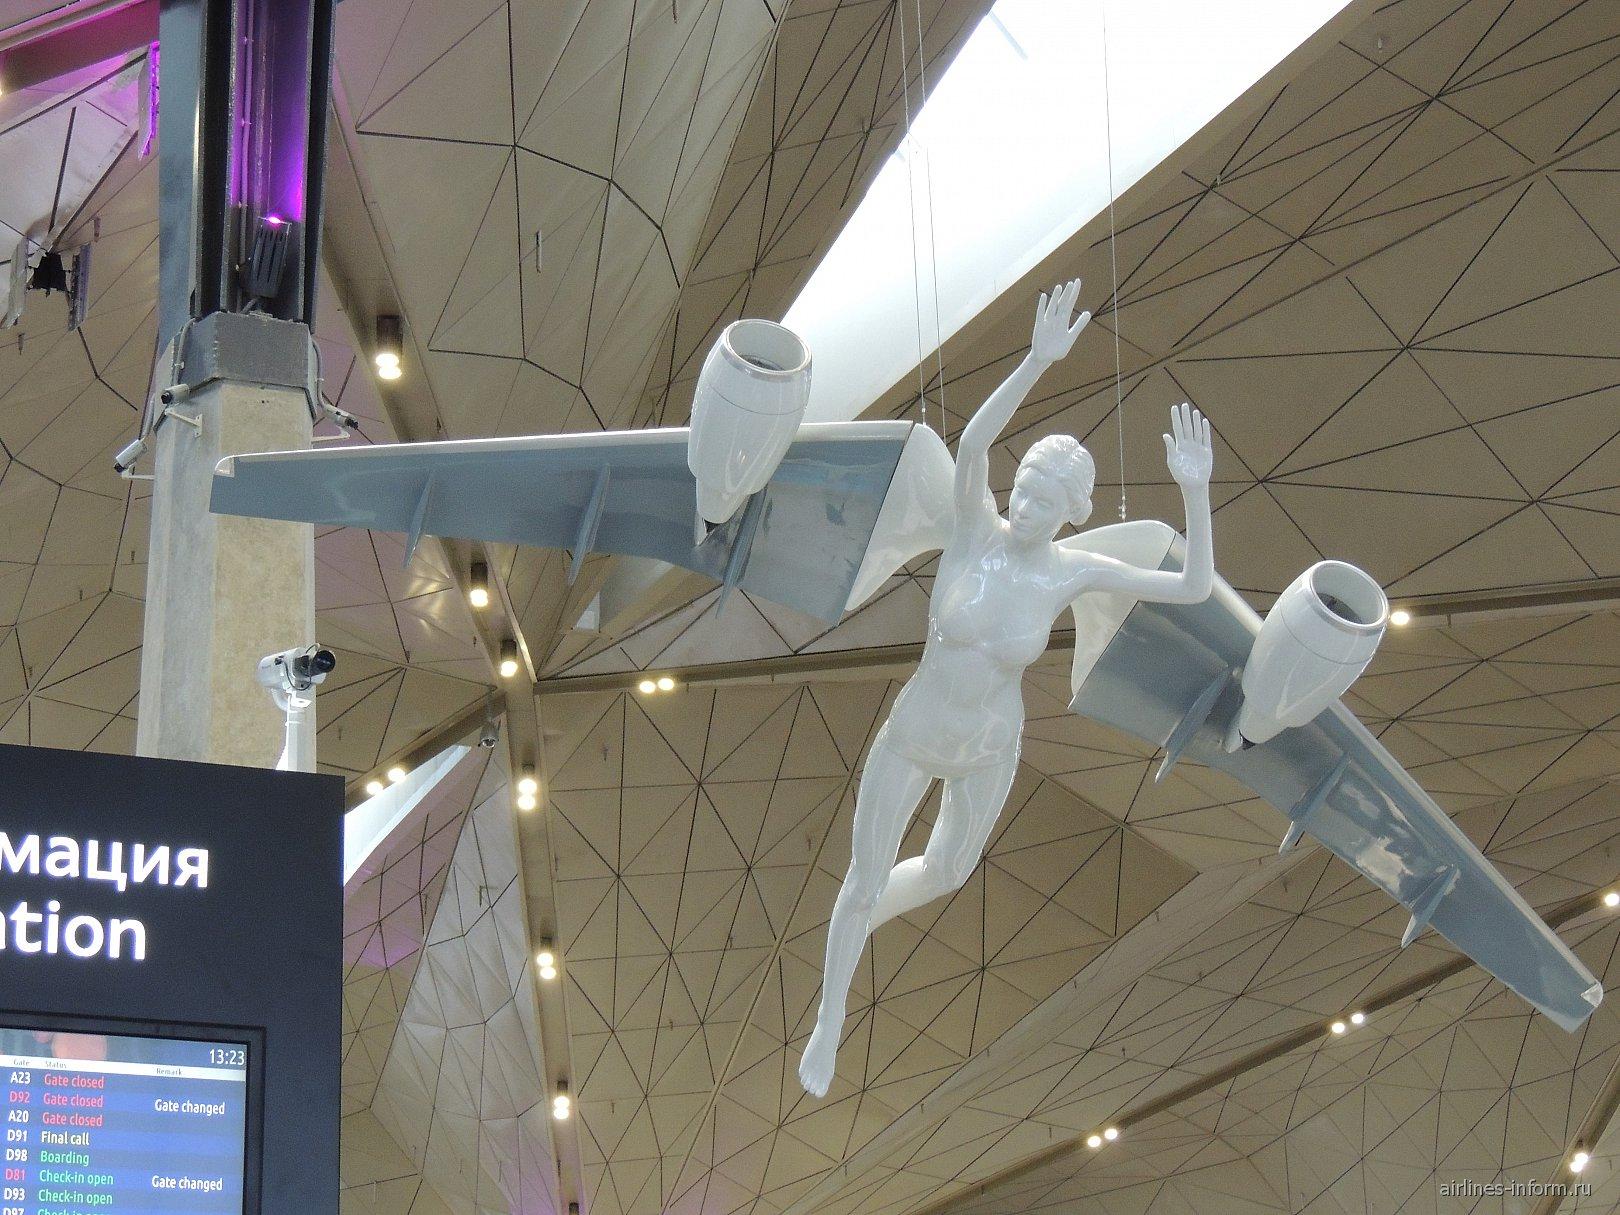 Скульптура ангела в новом терминале аэропорта Санкт-Петербург Пулково